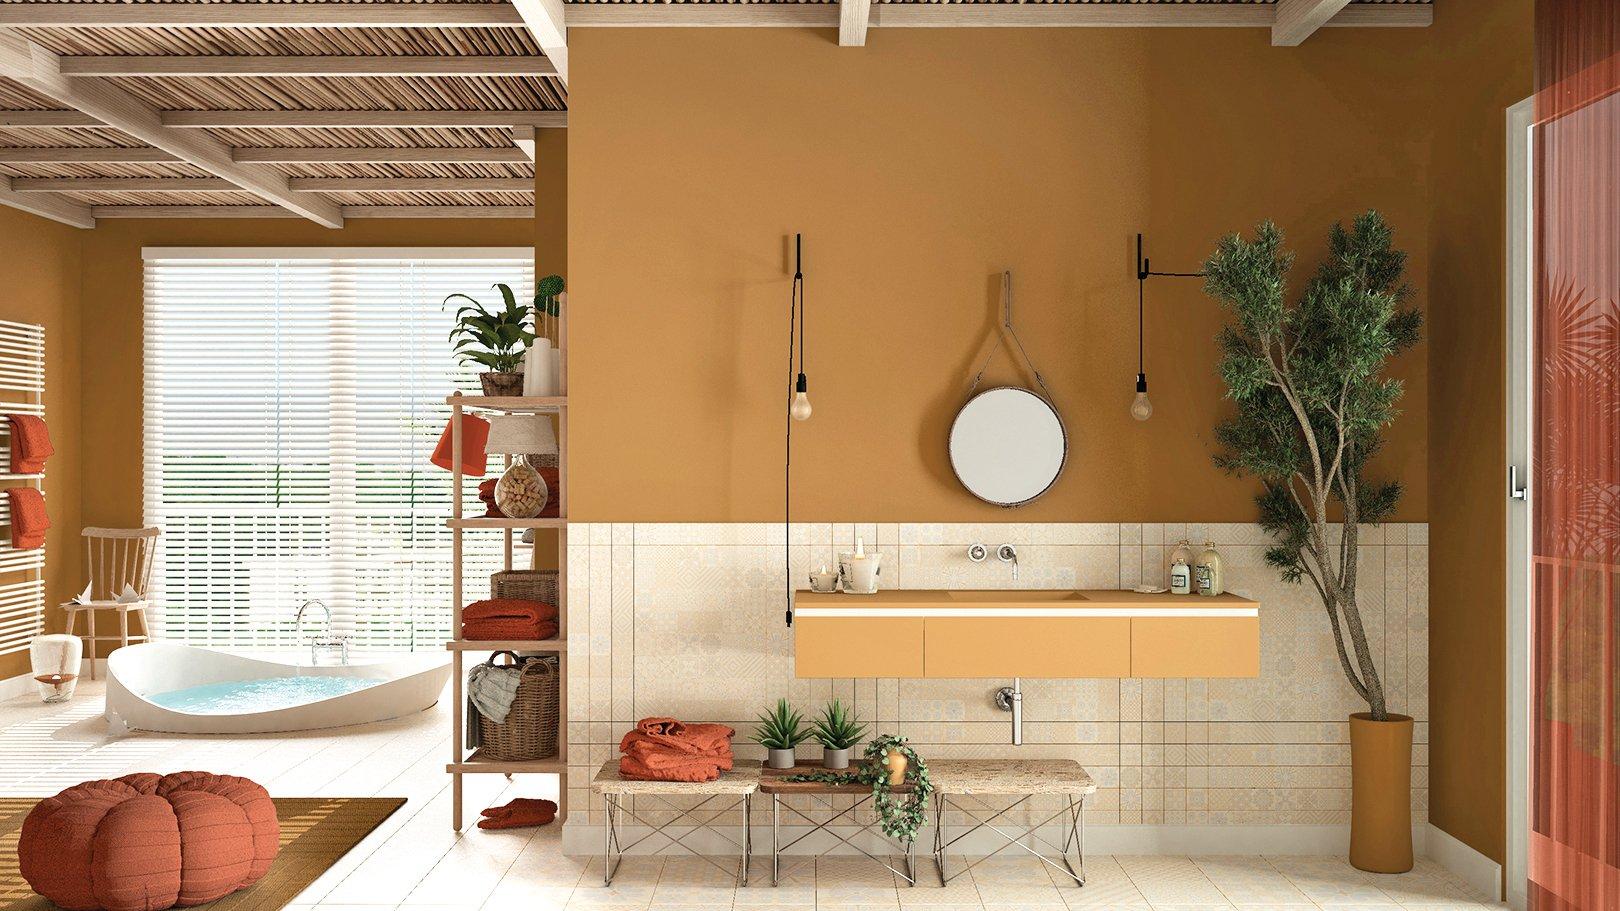 強調舒適感的暖色系將重回設計主流。